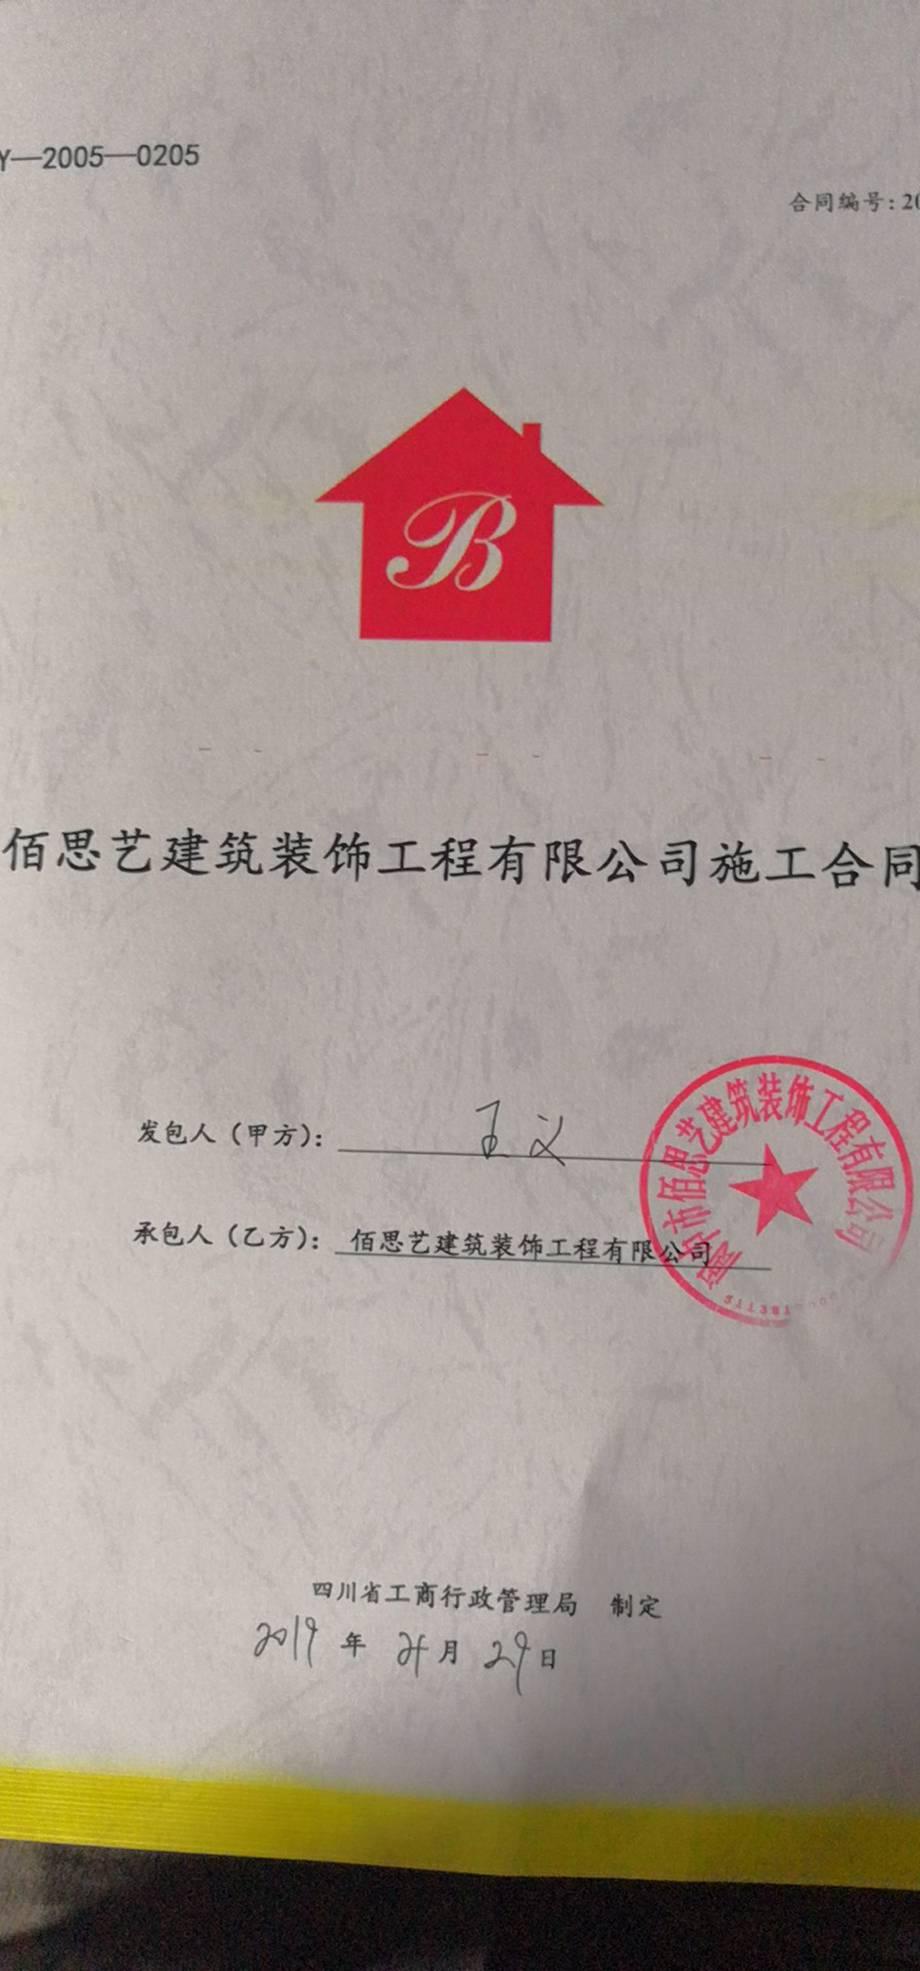 恭祝博园世家业主王先生成功签约佰思艺装饰